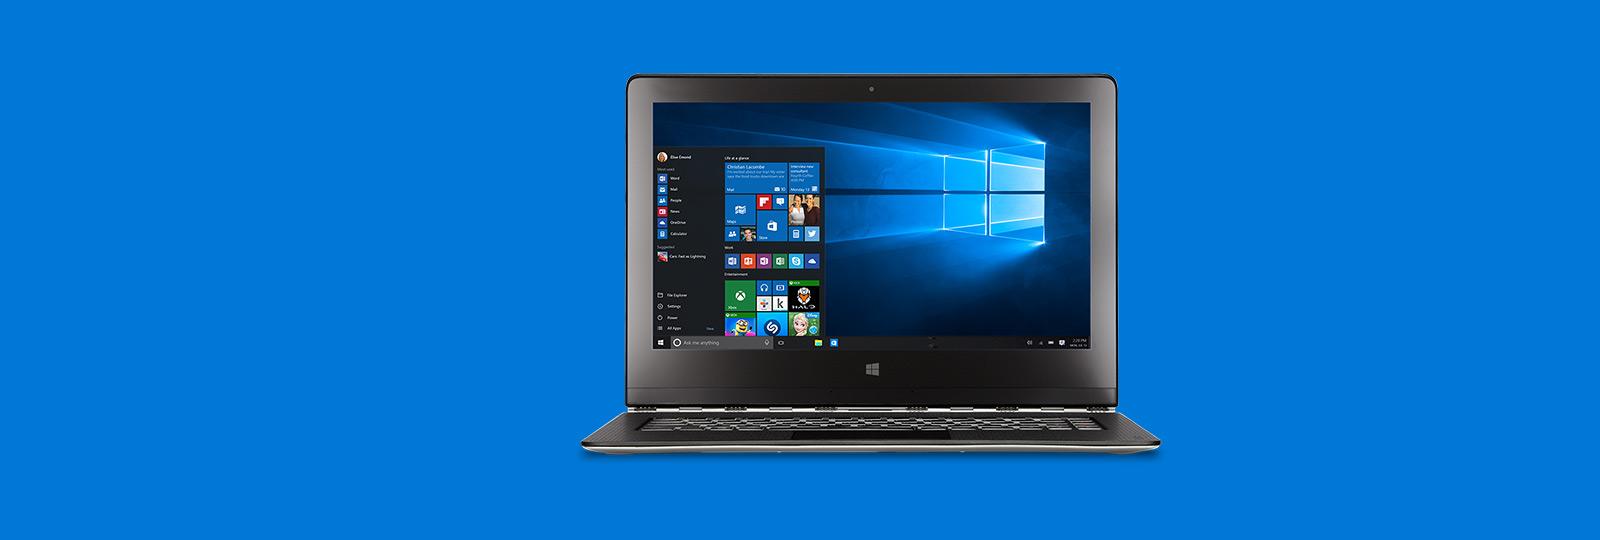 Le meilleur Windows à ce jour. Mettez votre système à niveau gratuitement*.